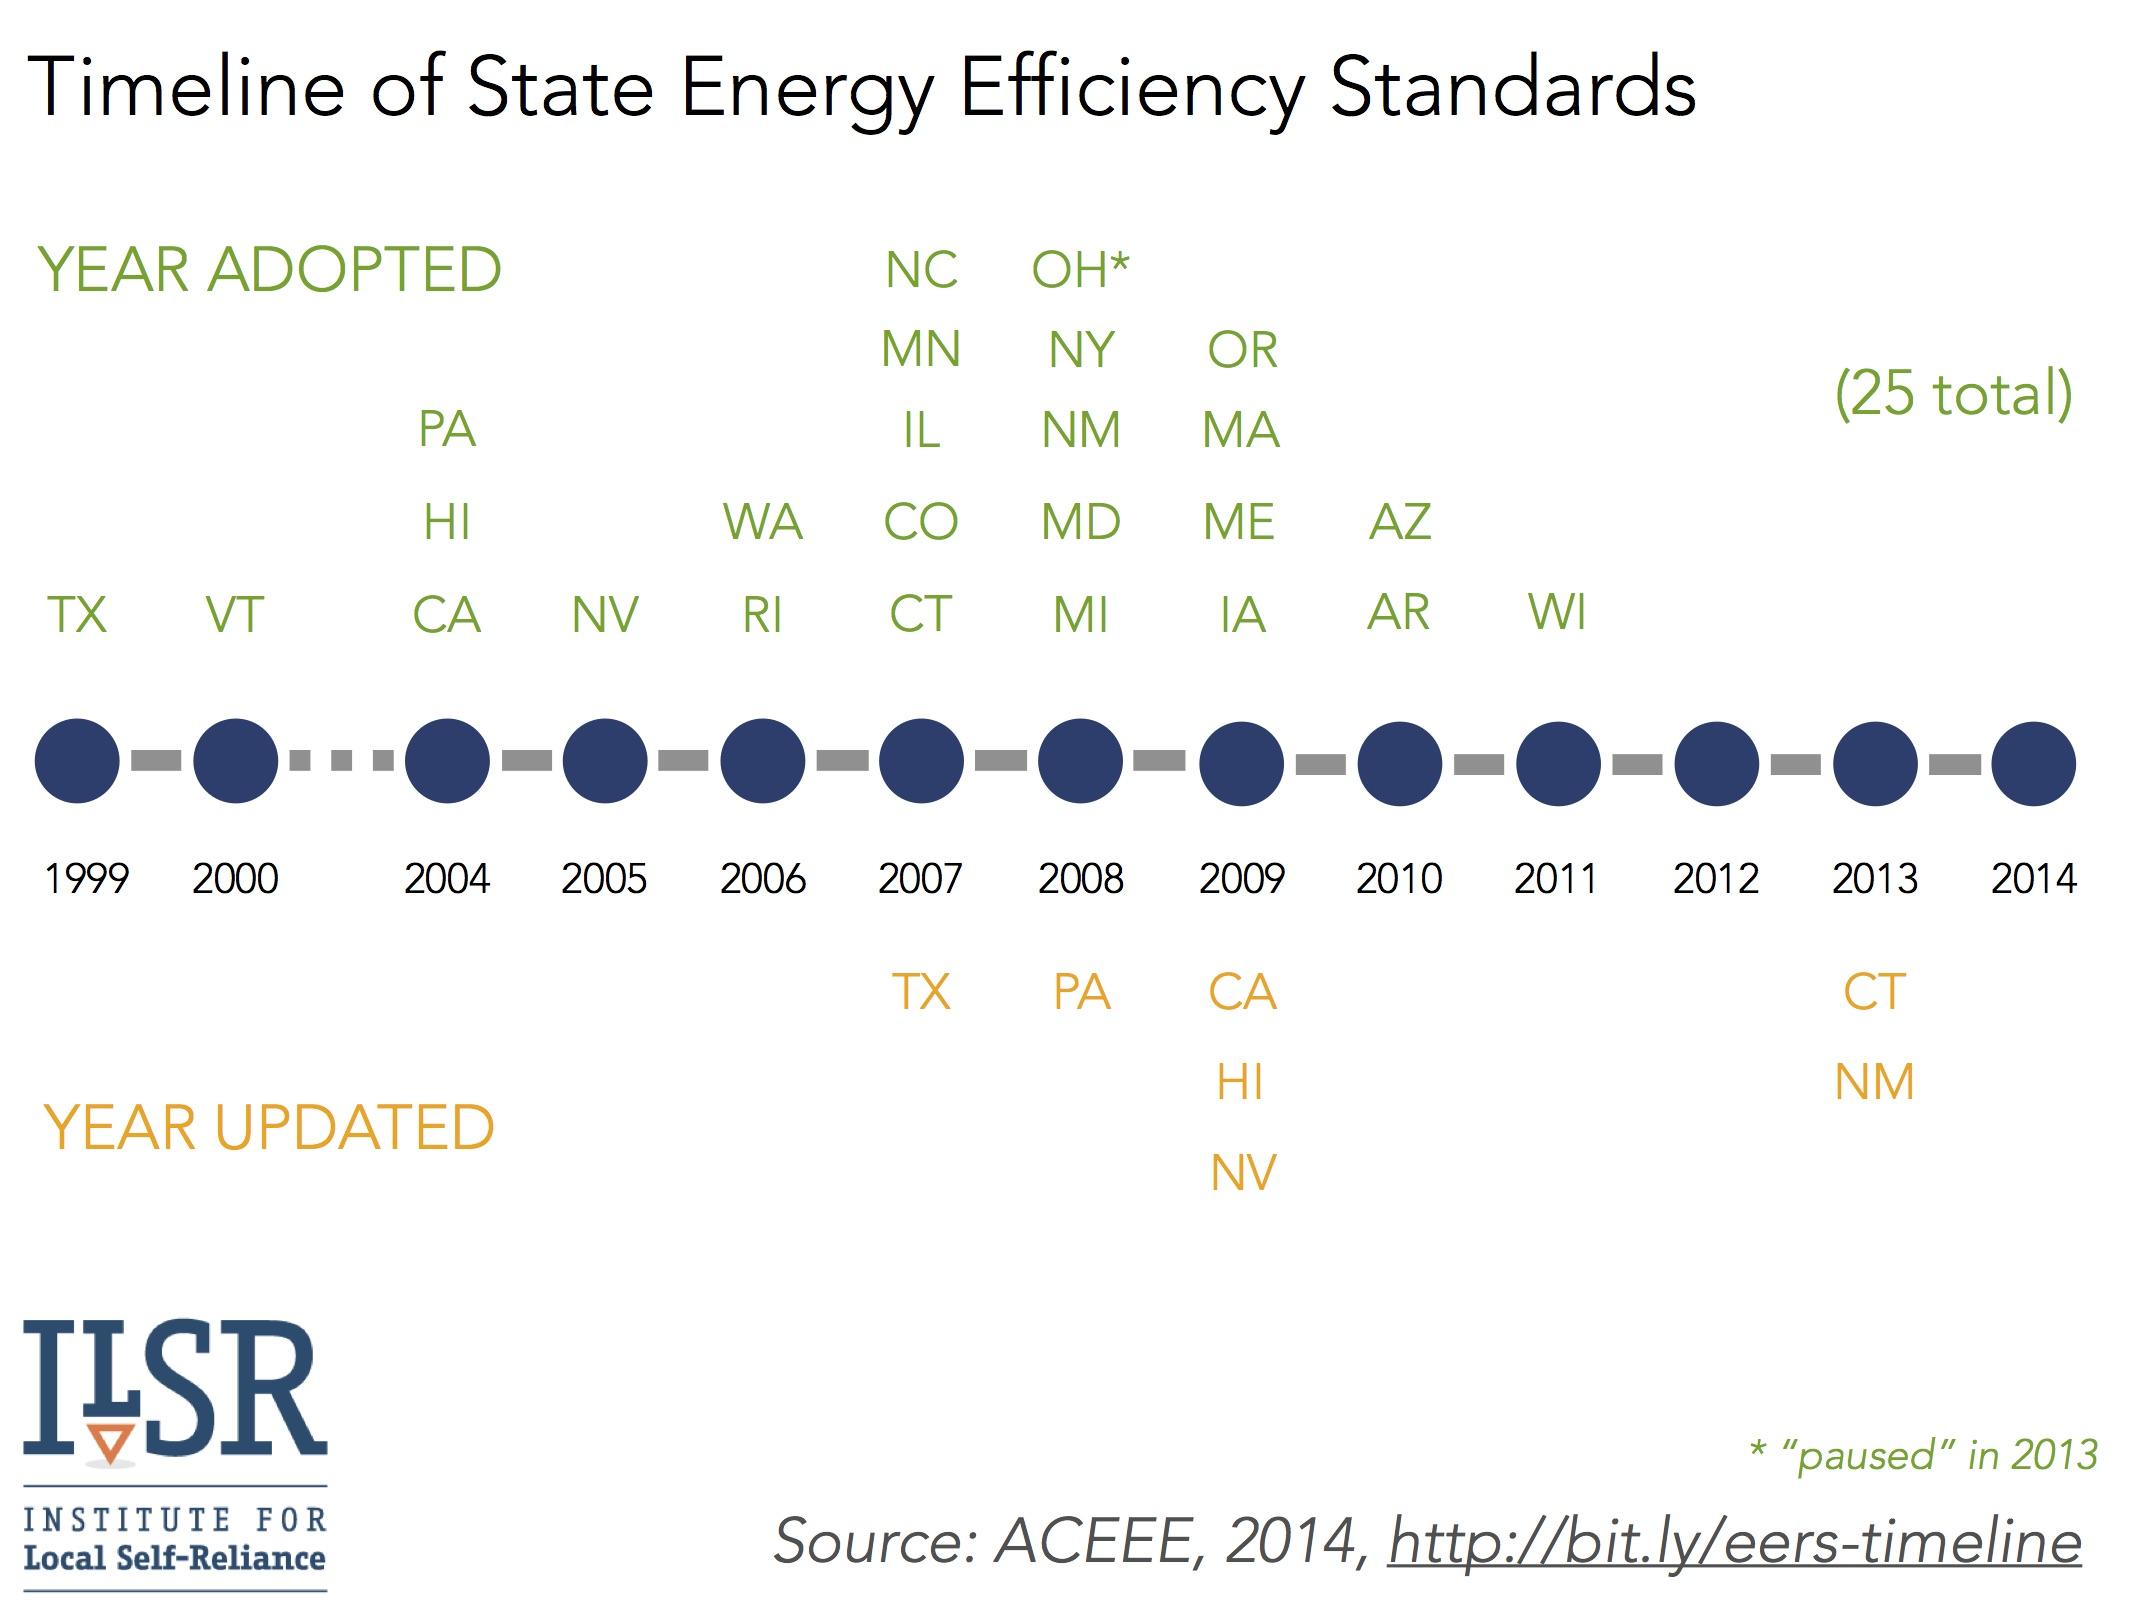 timeline of state energy efficiency standards - ilsr 2014 v2